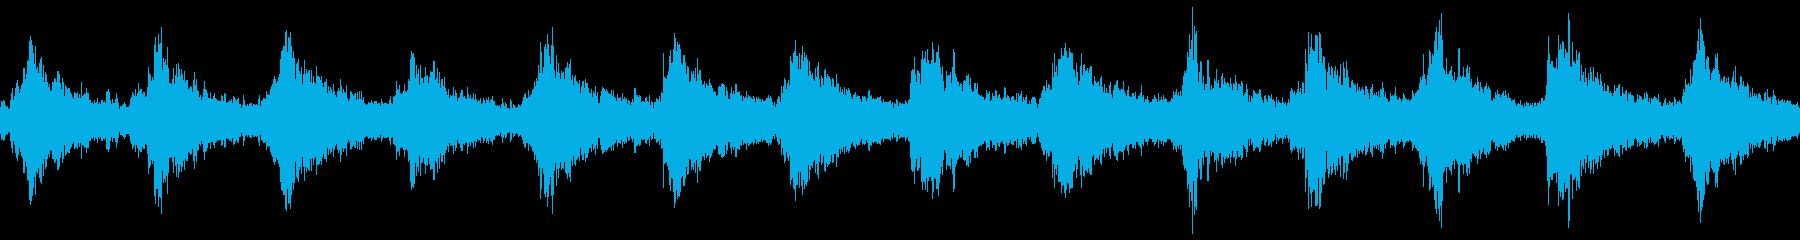 サンタクロースの鈴(シャンシャン)の再生済みの波形